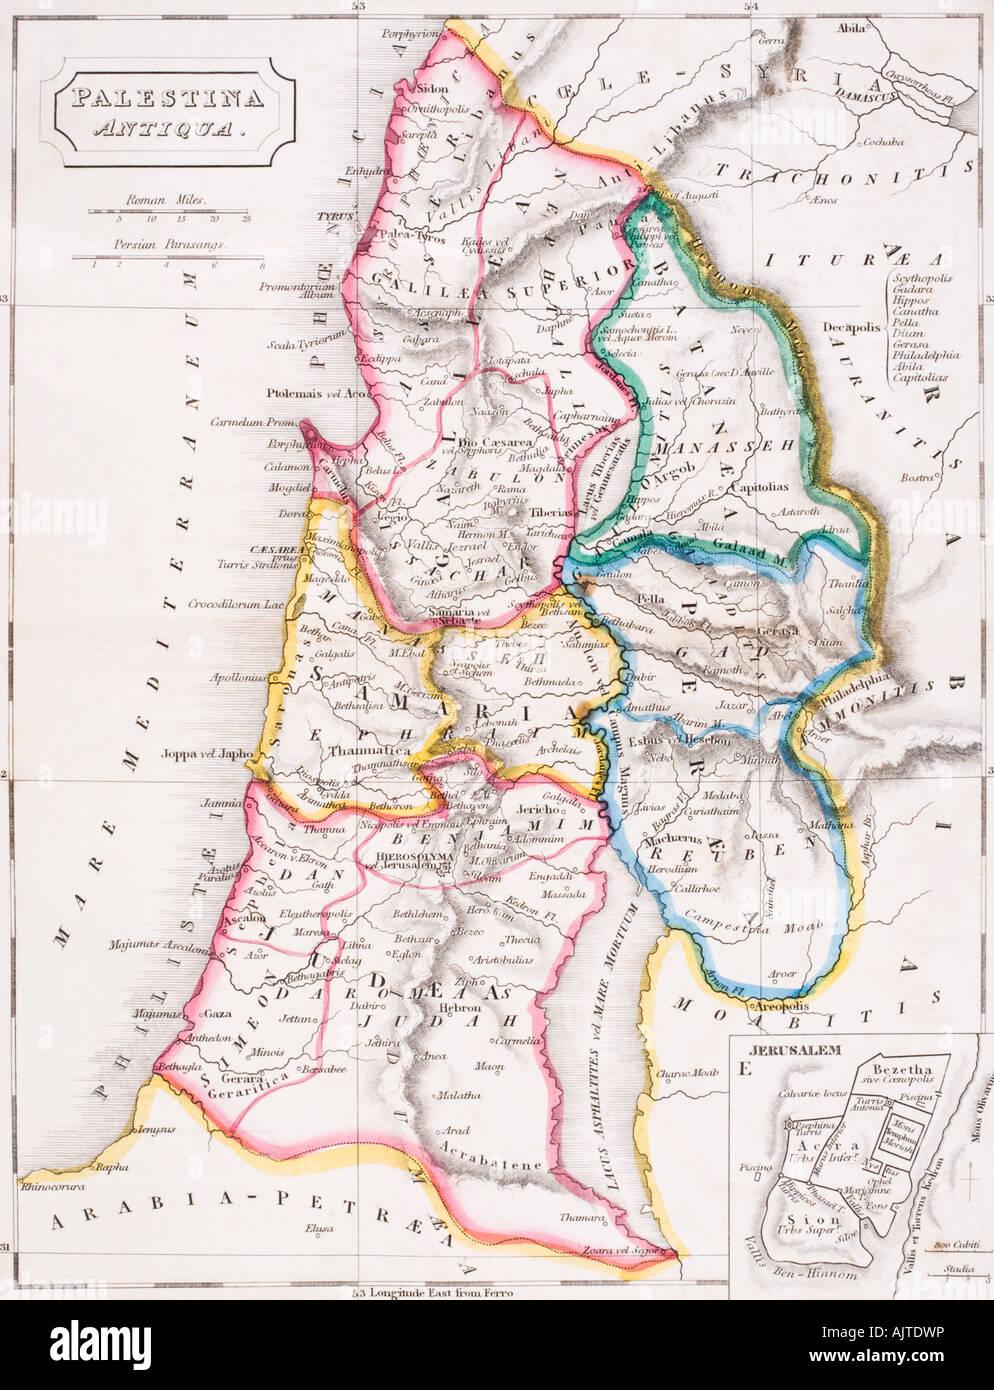 La carte de la Palestine Palestine Antiqua Photo Stock